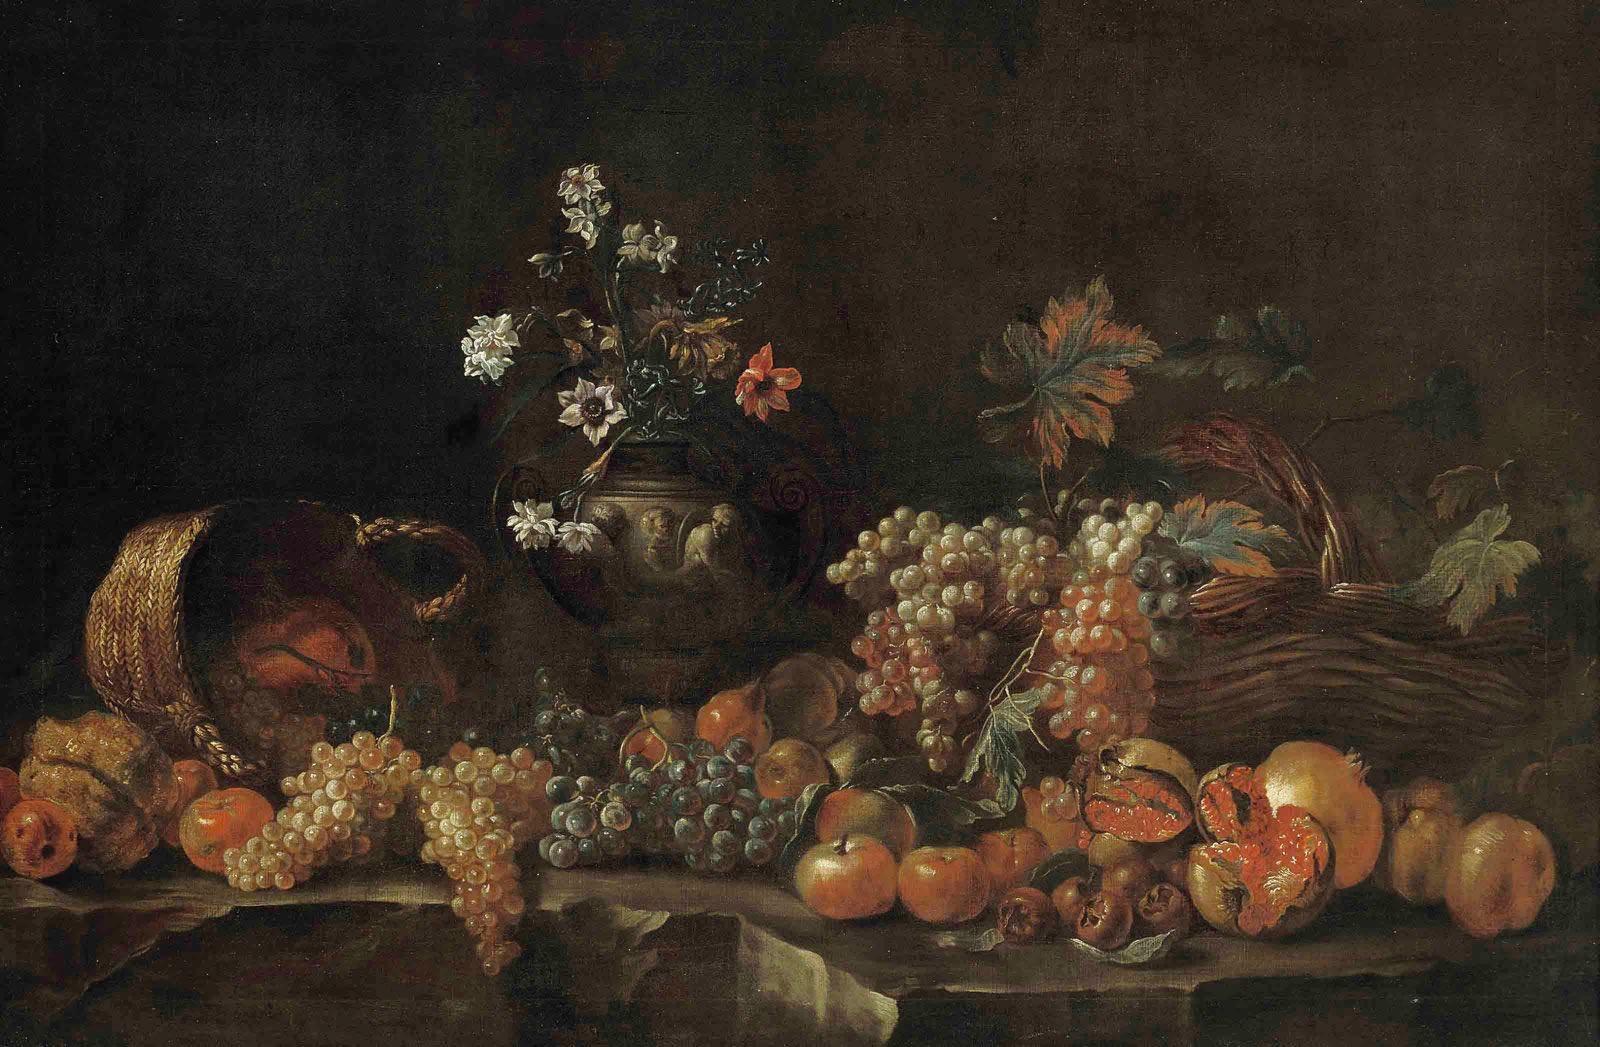 Uvas, granadas, manzanas, limones, cestas de mimbre y un jarrón esculpido con flores en una repisa (1690), de Jean-Baptiste Monnoyer